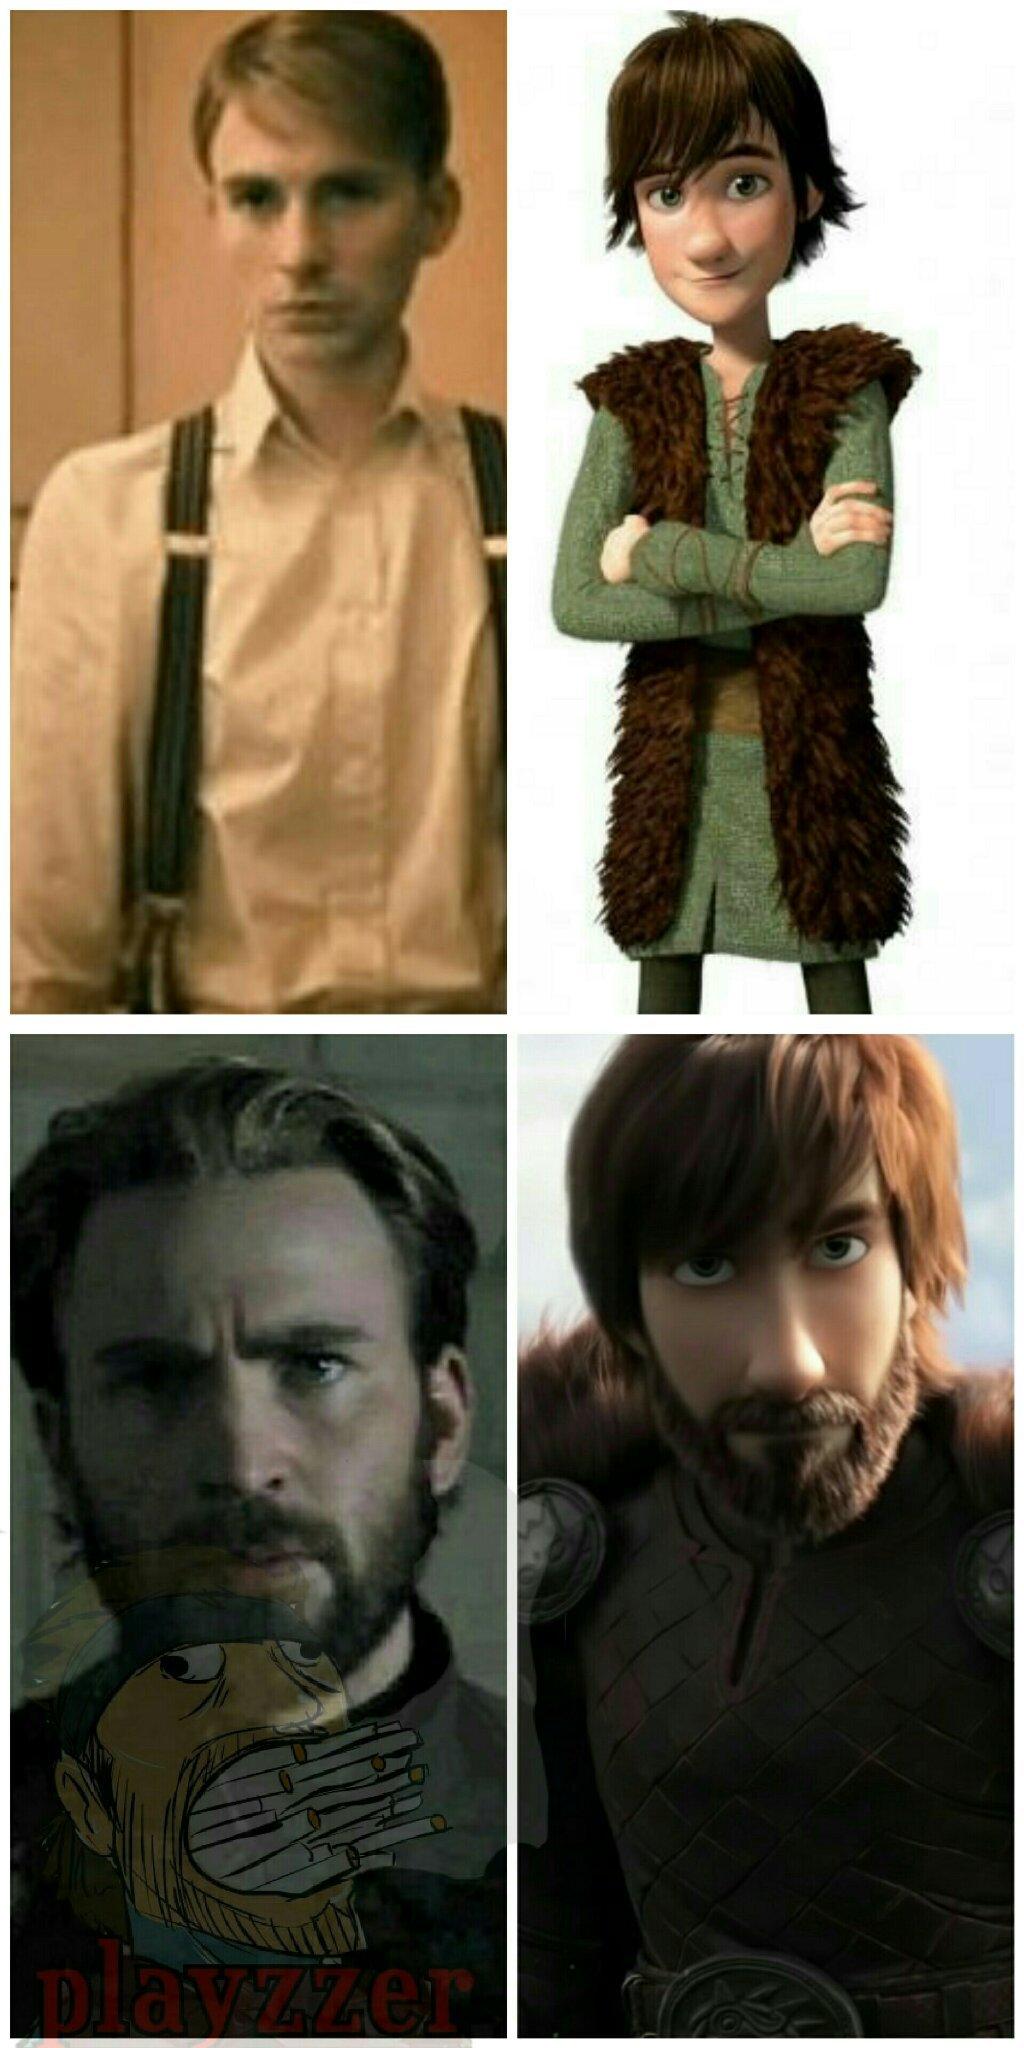 Capitão soluço, qualquer coincidência e pura semelhança - meme